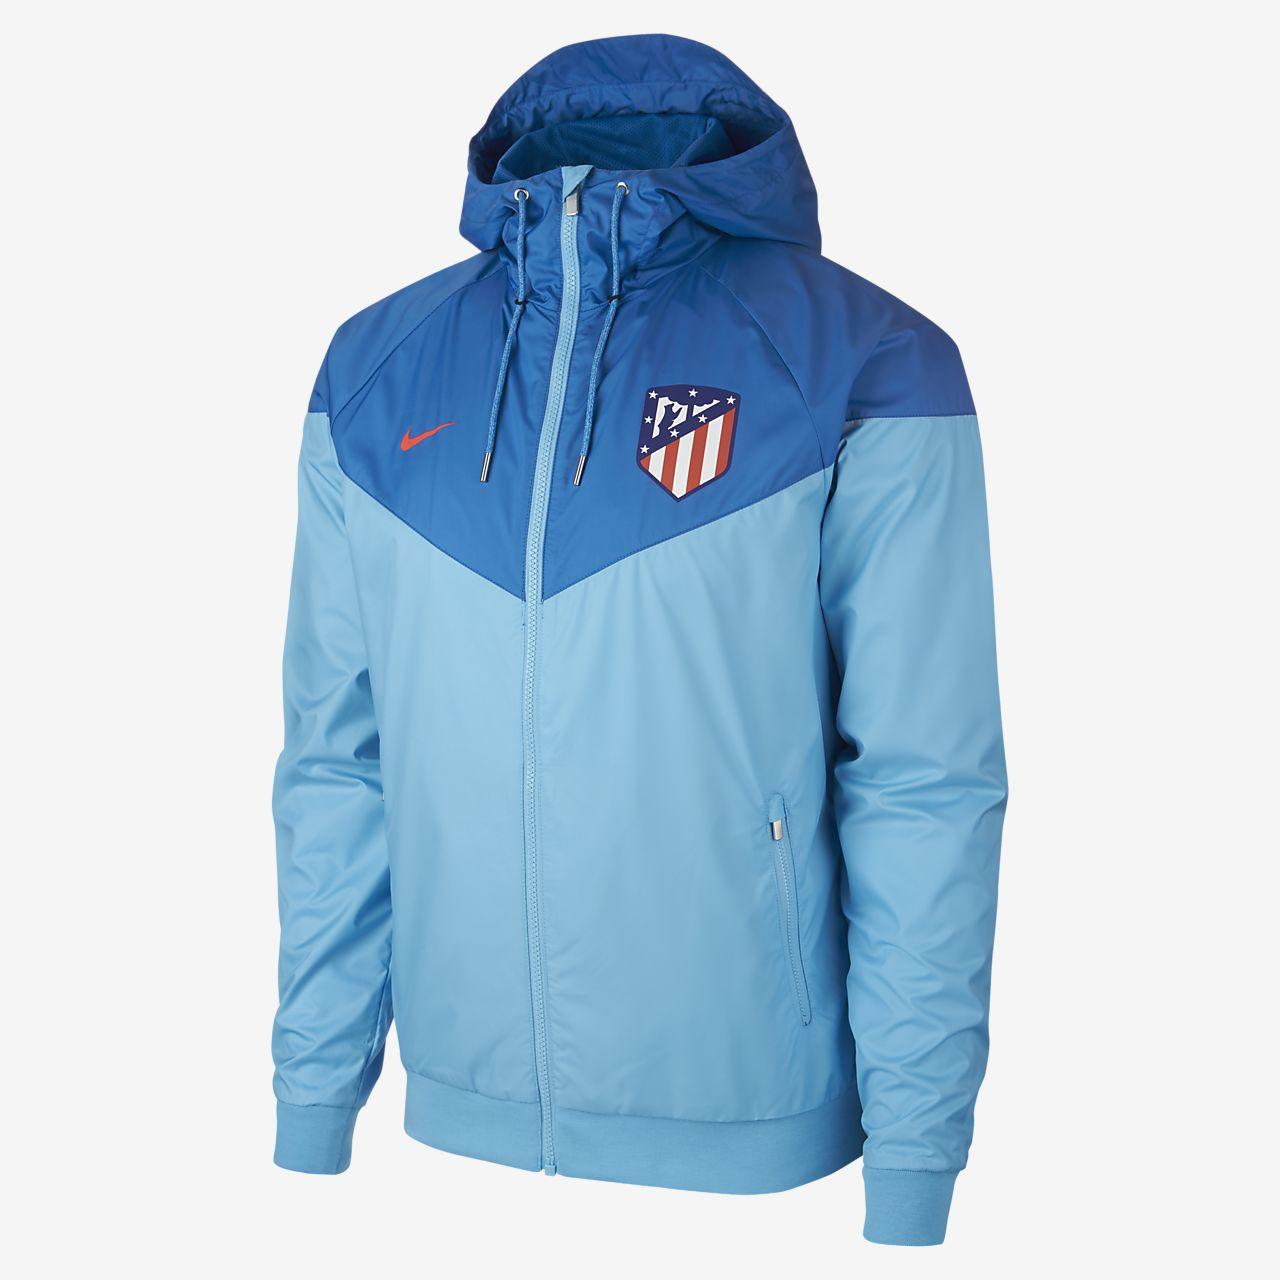 e363d304de238 Veste Atletico de Madrid Windrunner pour Homme. Nike.com LU